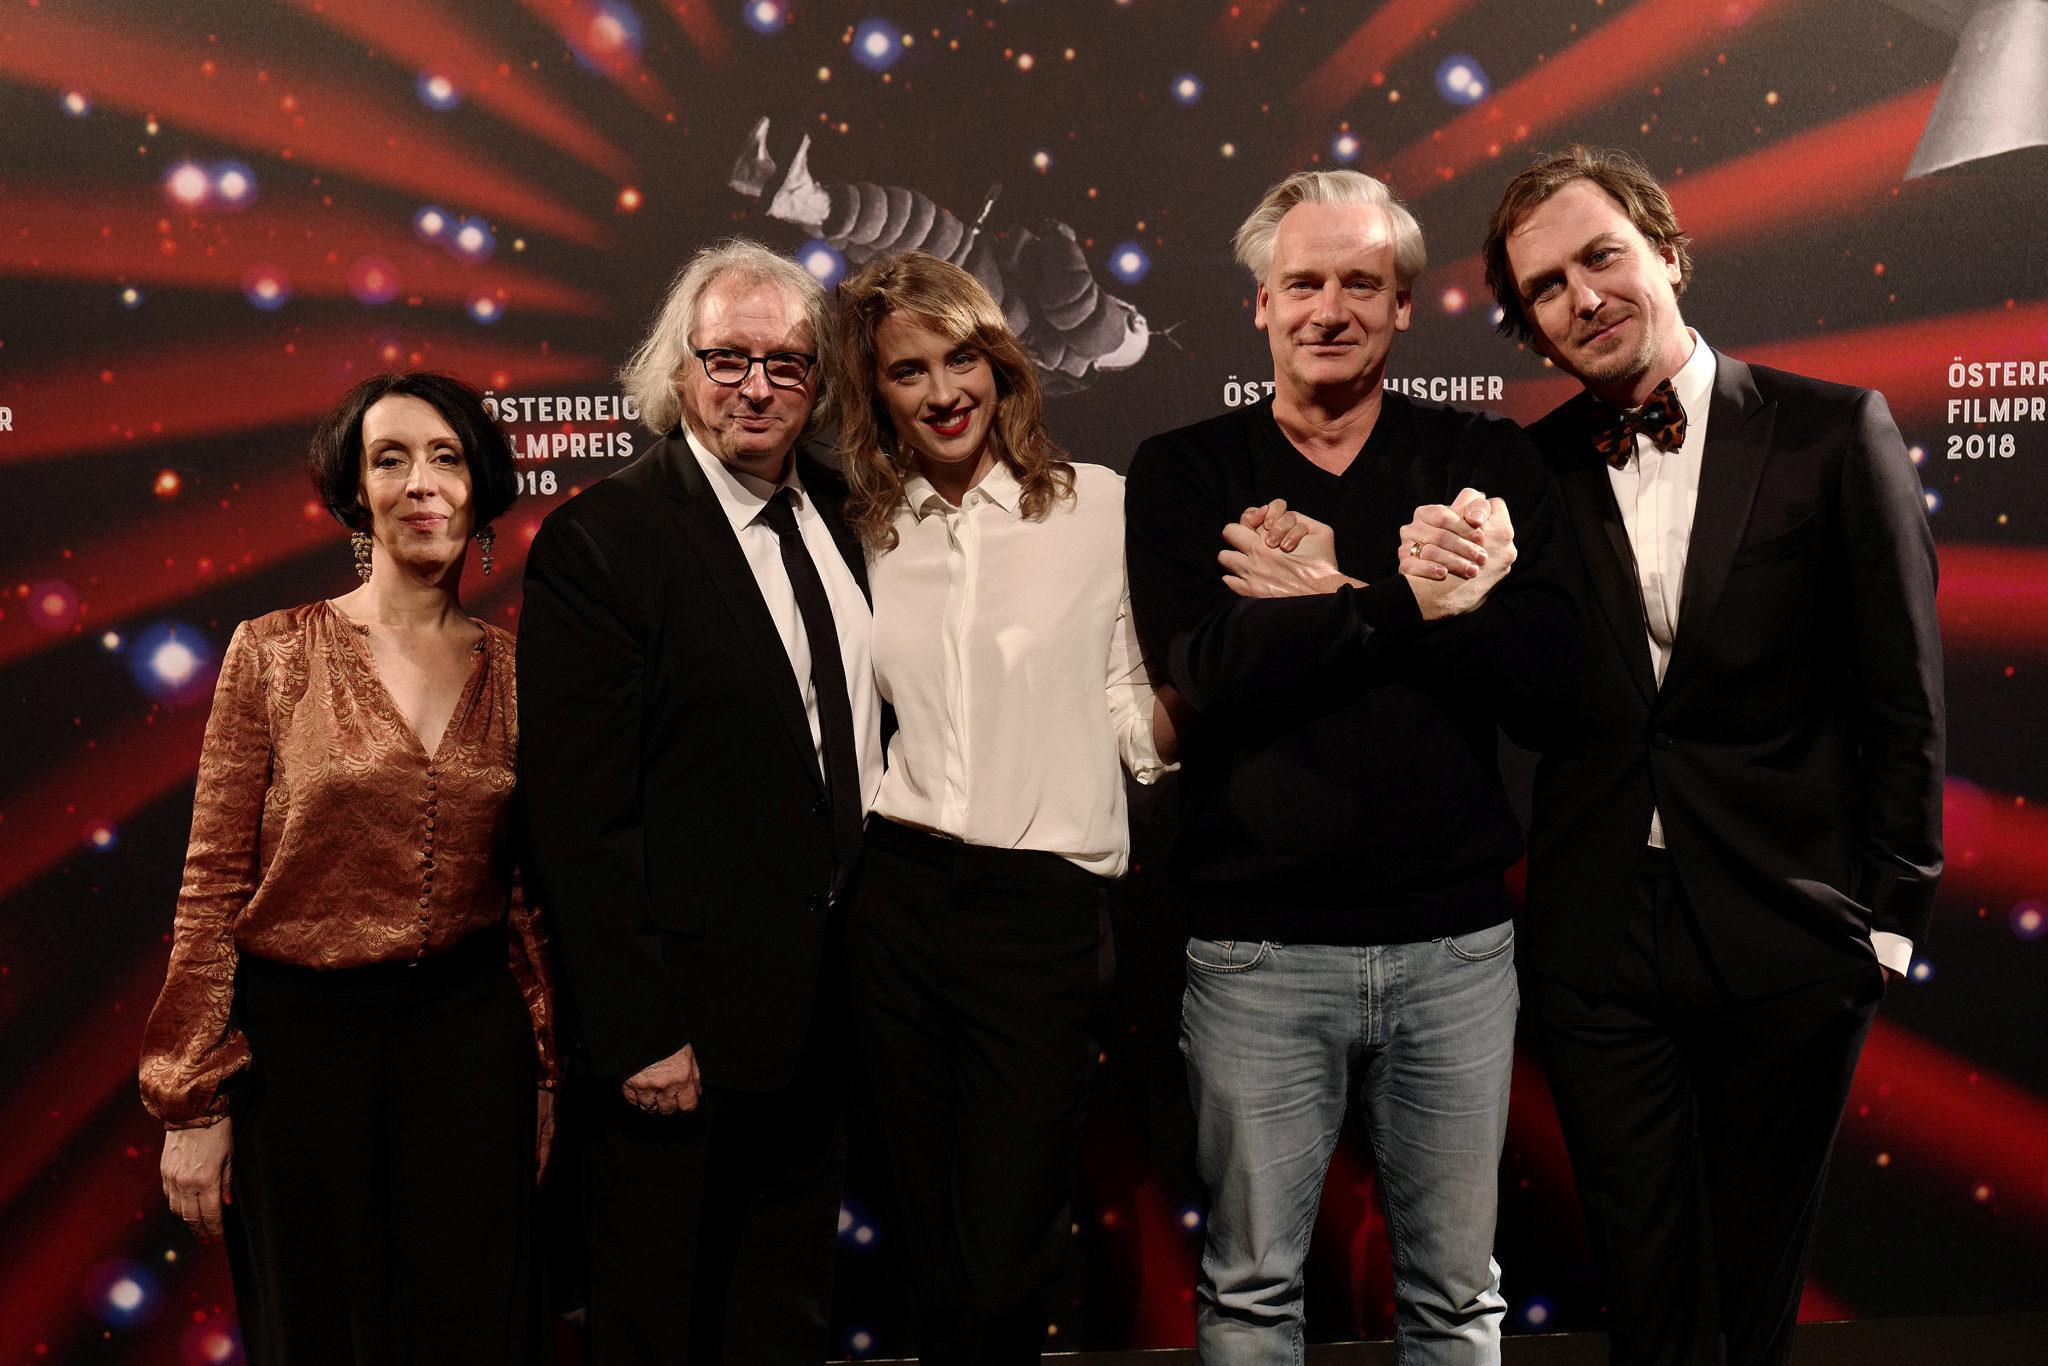 Österreichischer Filmpreis: Beste männliche Hauptrolle: Lars Eidinger für DIE BLUMEN VON GESTERN